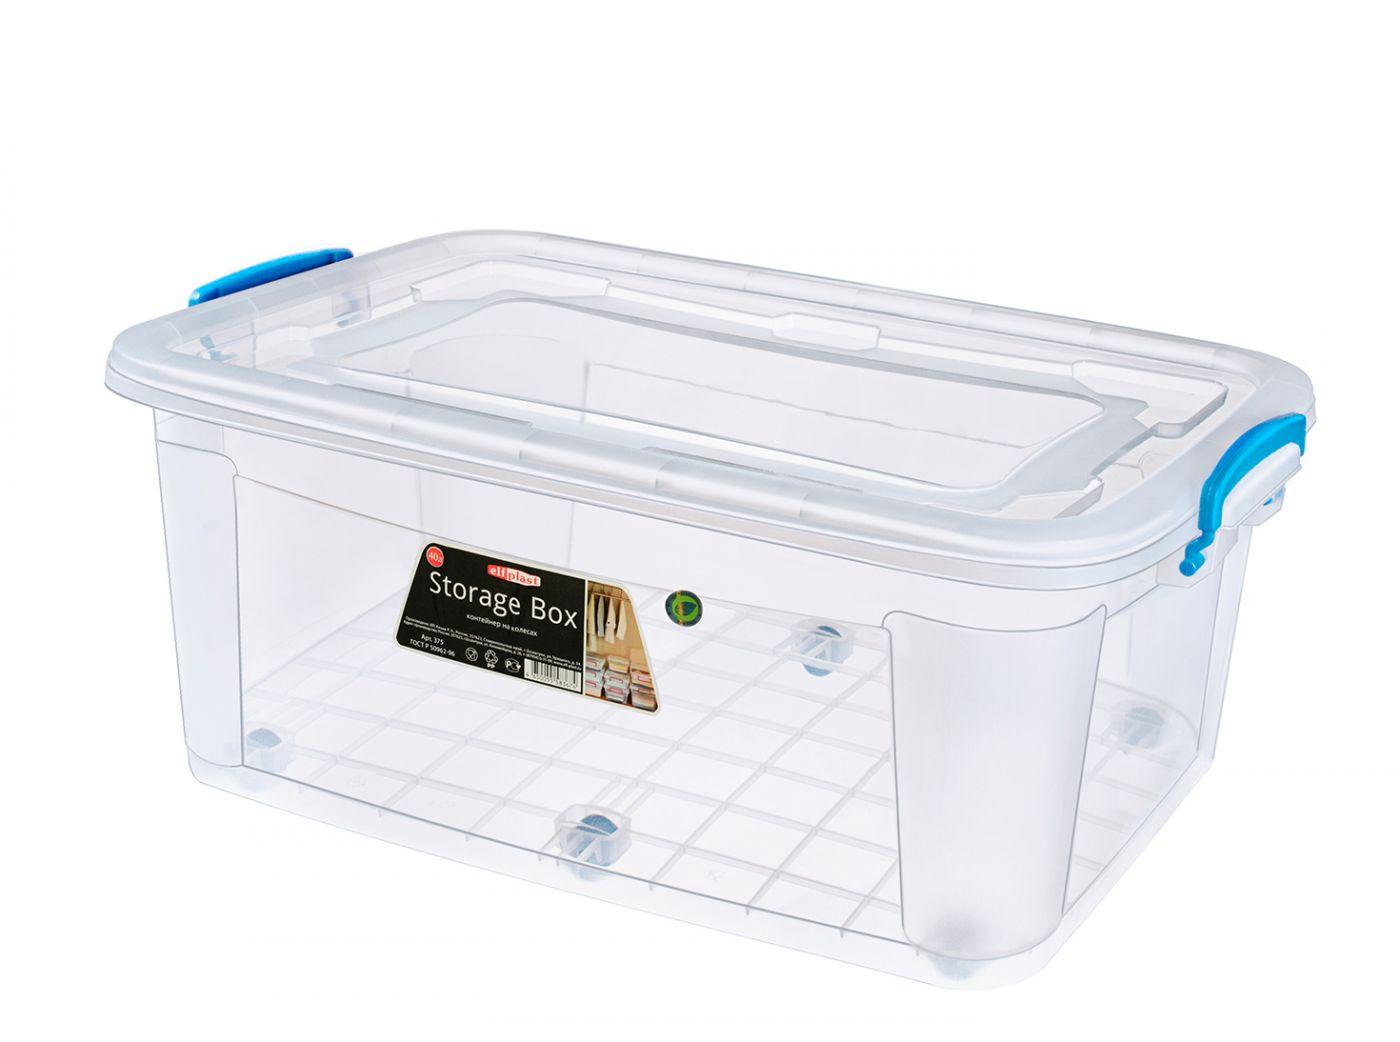 Контейнер для хранения Storage Box 40 литров на колёсах прозрачный с крышкой Эльфпласт 64х41,5х25 см